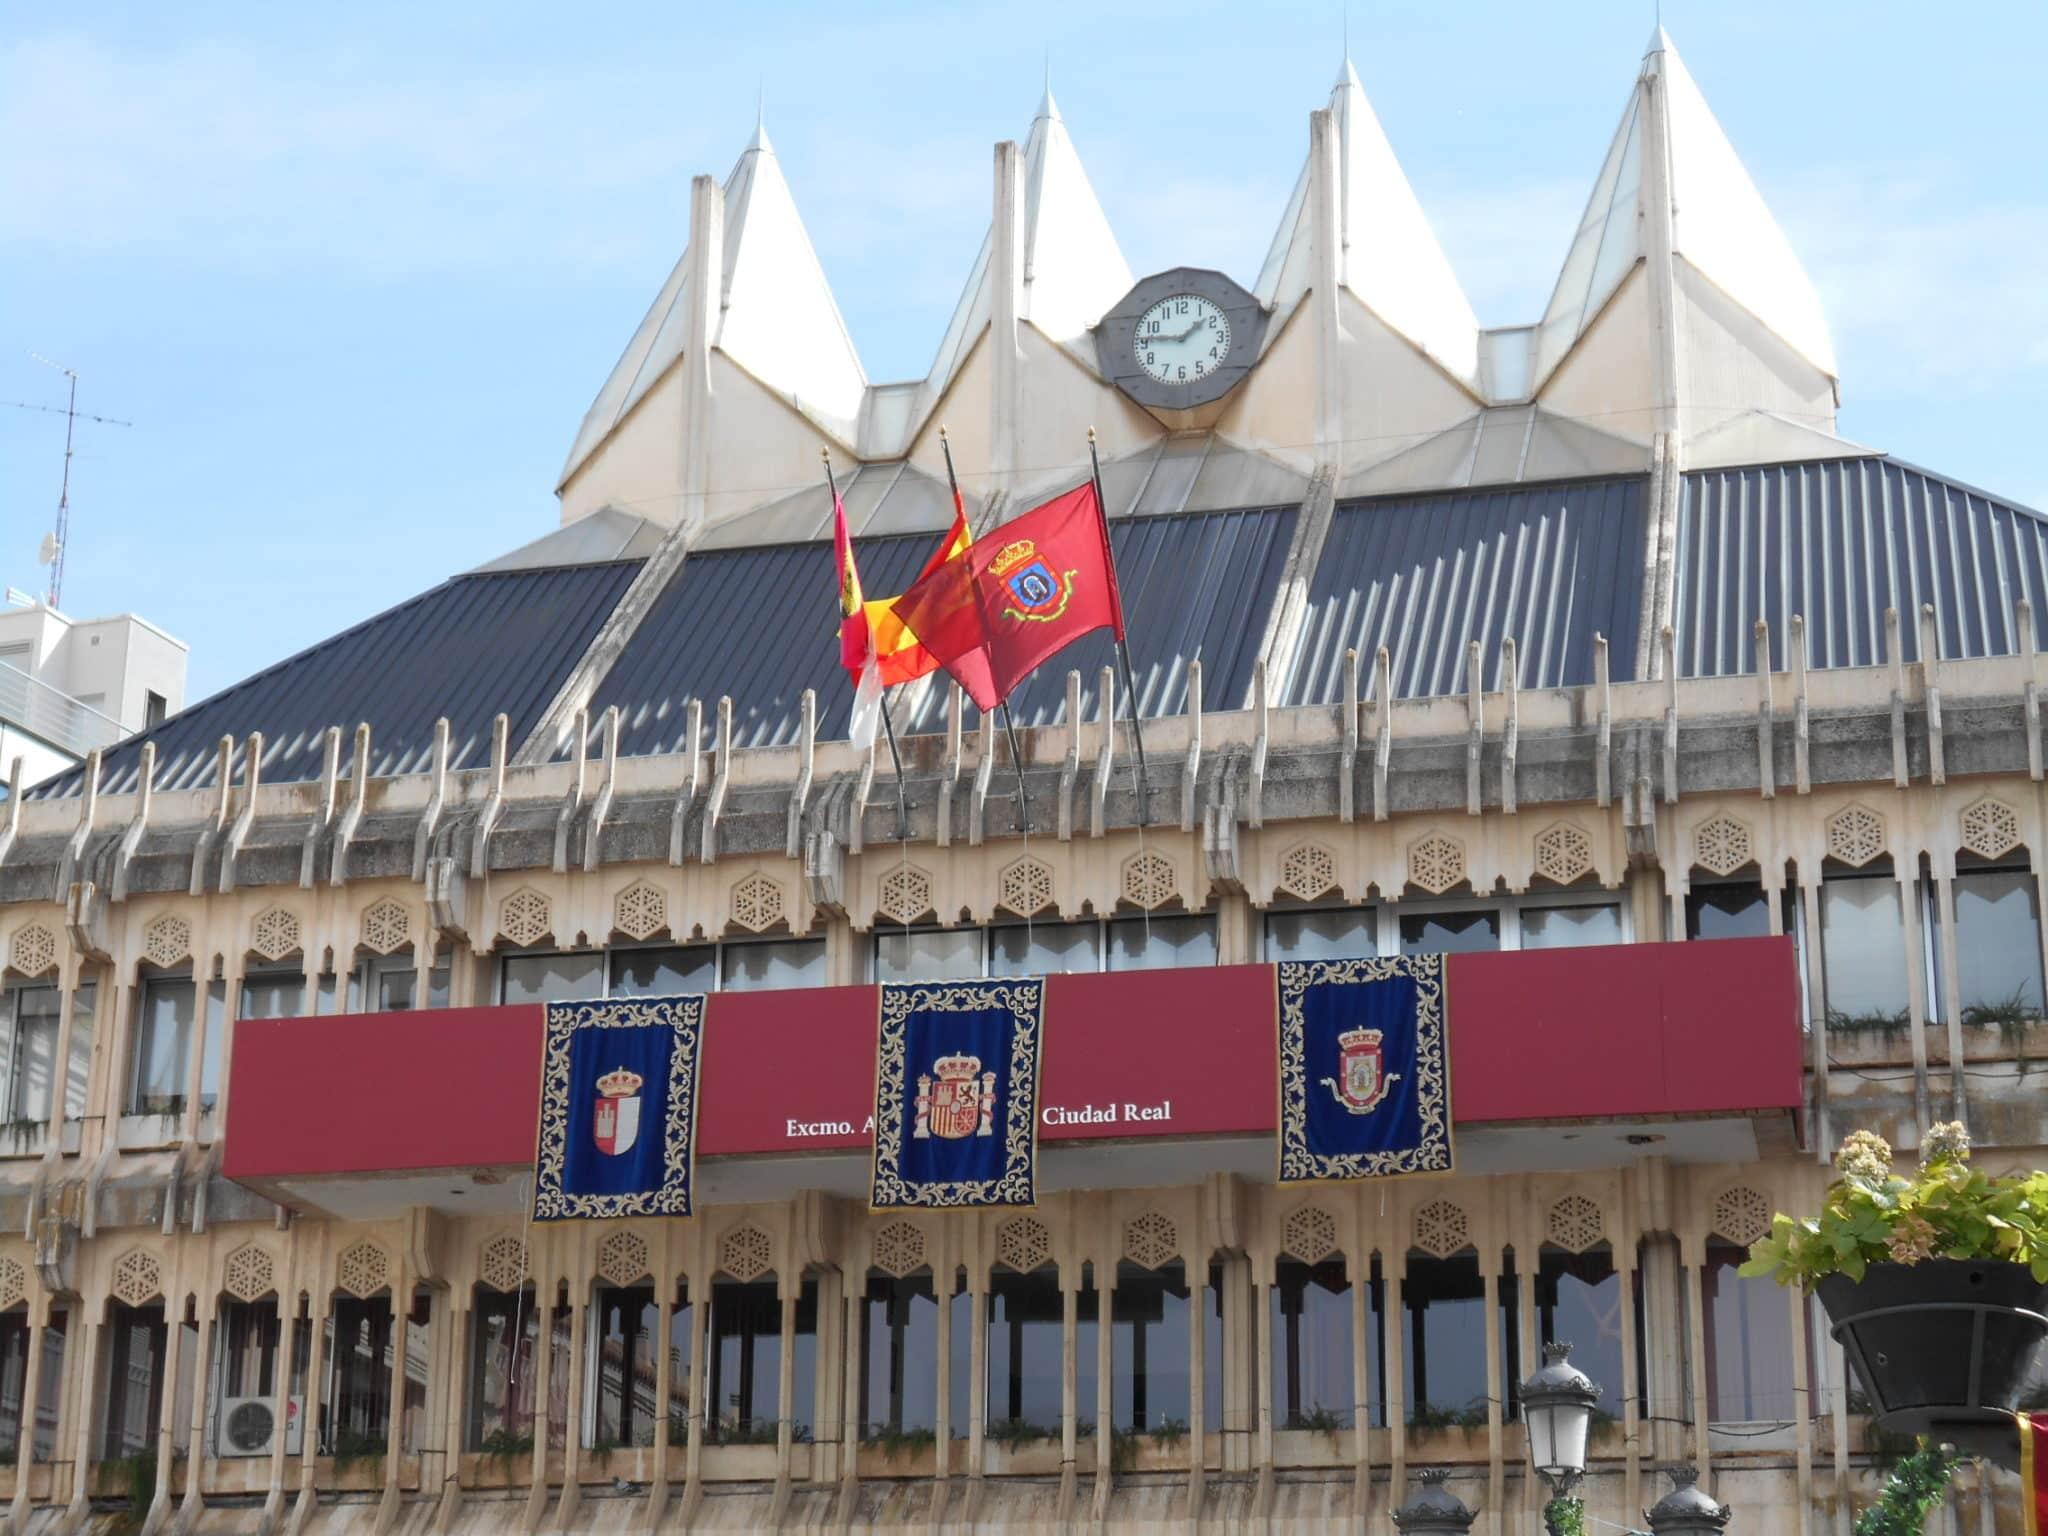 Traductores oficiales en Ciudad Real y Traductor jurado en Ciudad Real